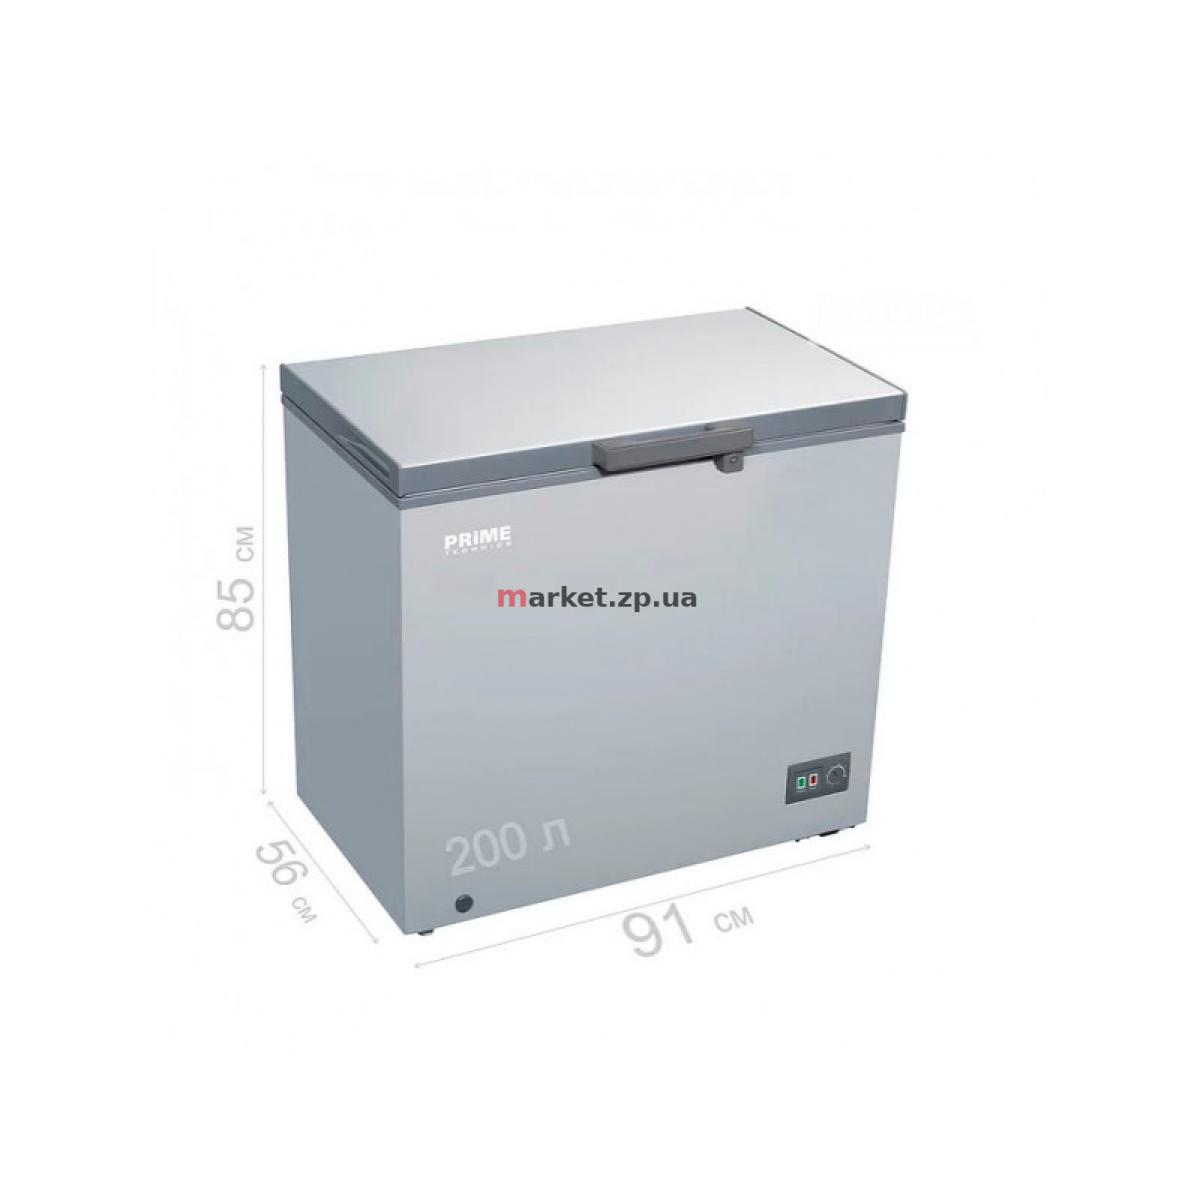 Морозильный ларь PRIME Technics CS 20144 MX